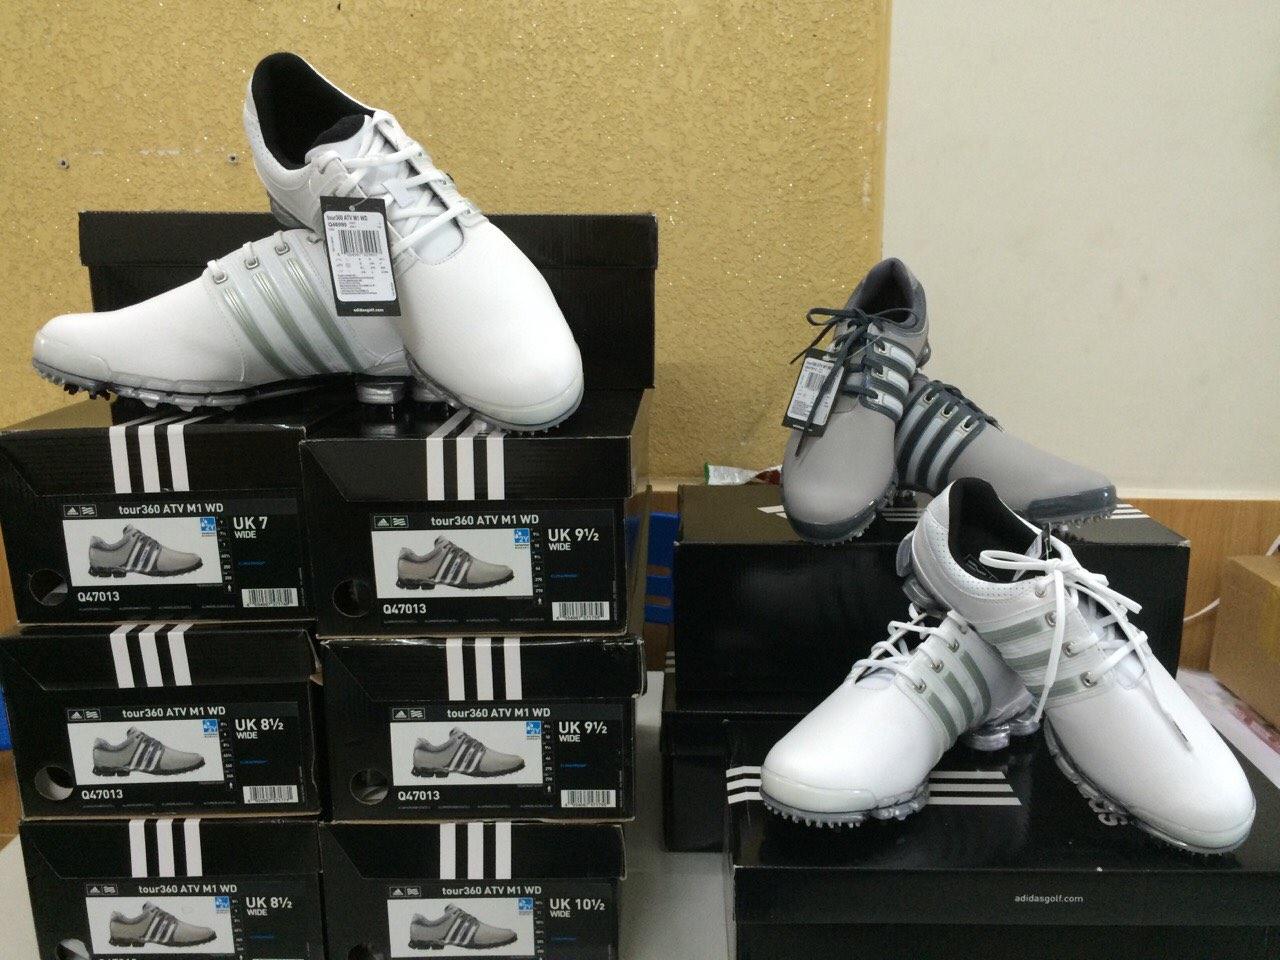 cách mua bán giày golf giá rẻ chất lượng tốt